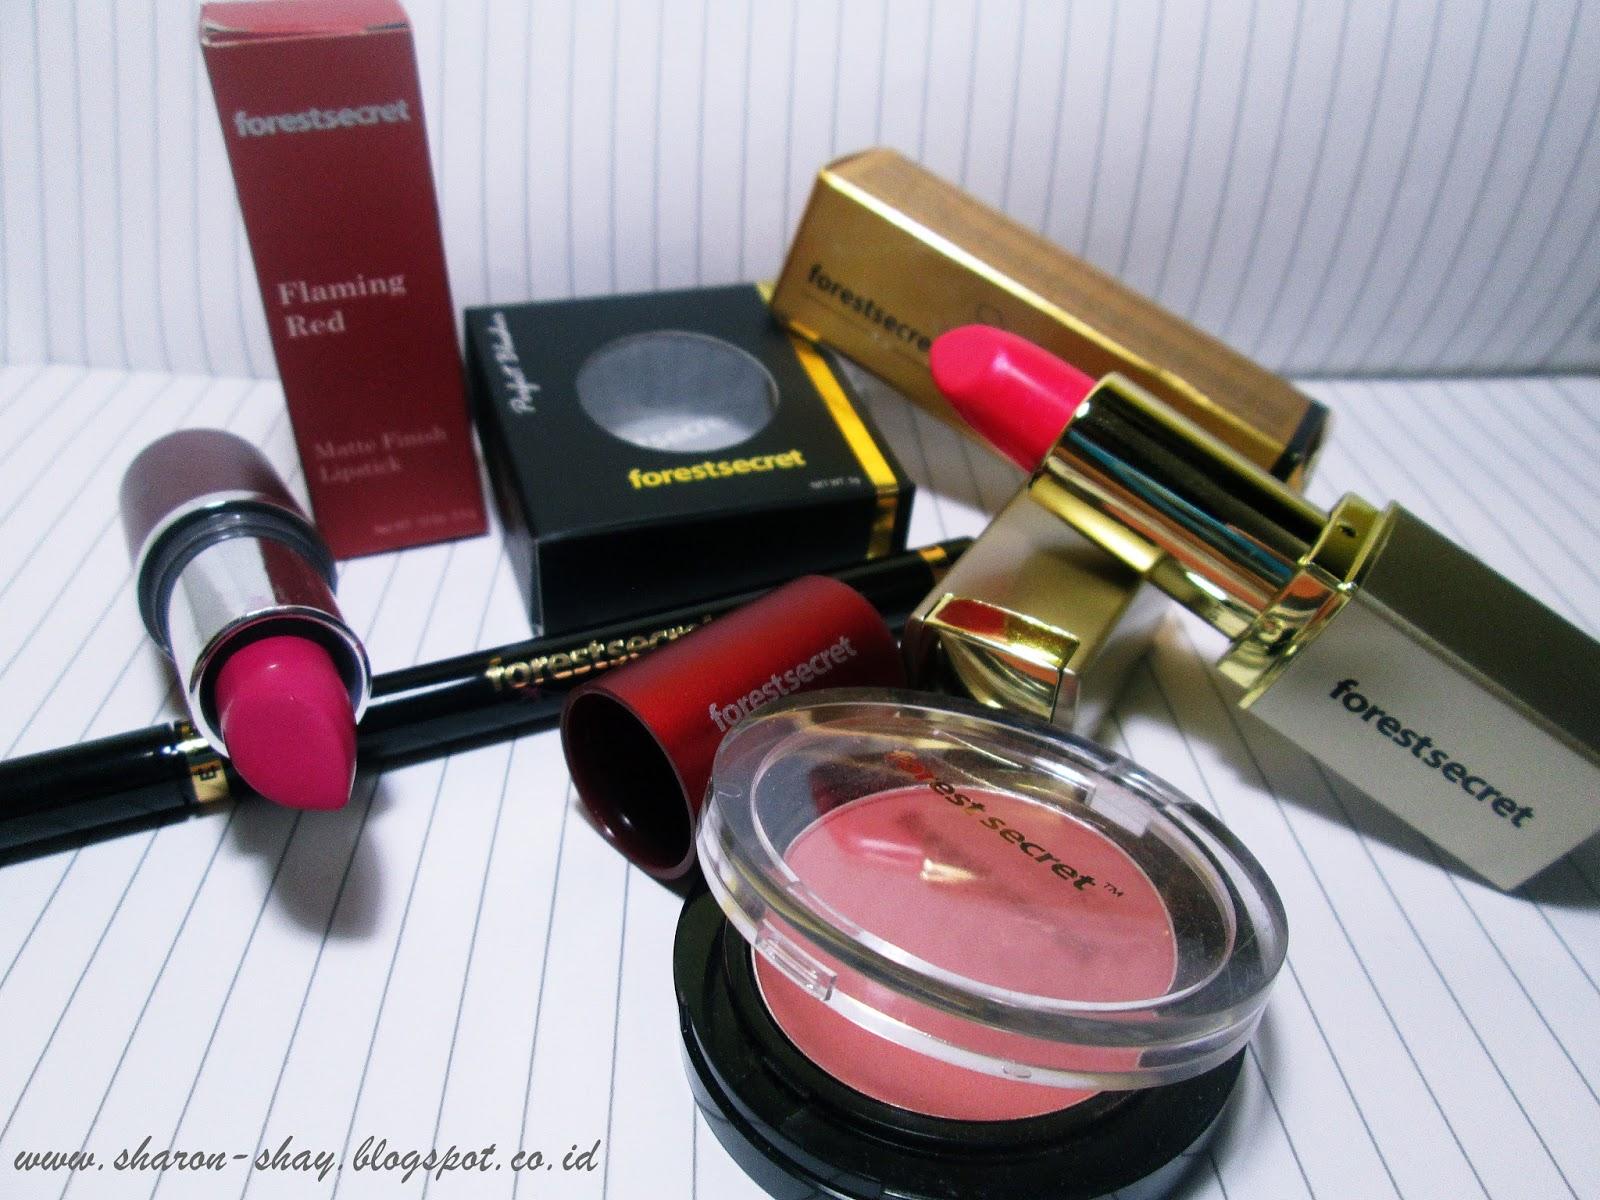 Ini adalah paket yang aku terima ada blush on eyeliner 2 lipstik gloss dan matte yang akan aku review kali ini selain dari produk diatas aku juga terima